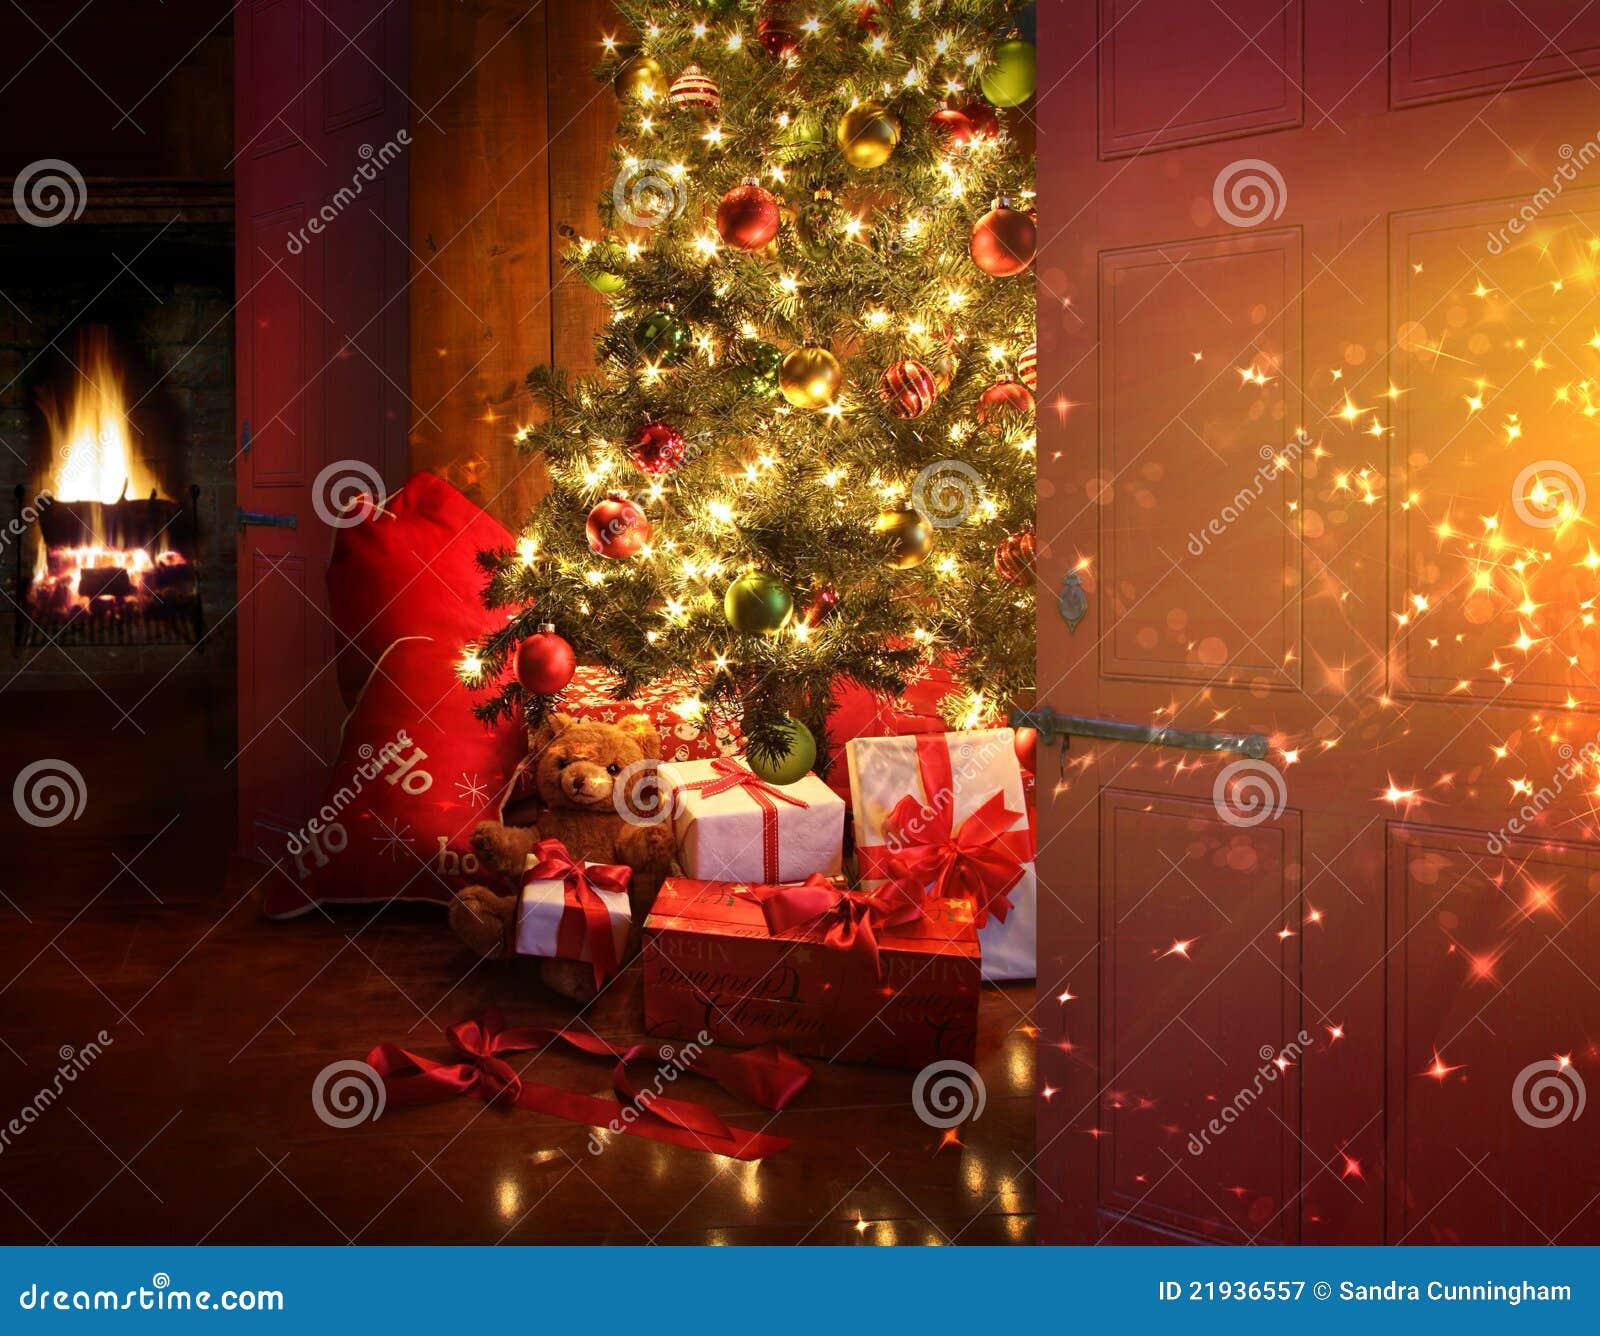 Weihnachtsszene Mit Baum Und Feuer Im Hintergrund Stockbild - Bild ...